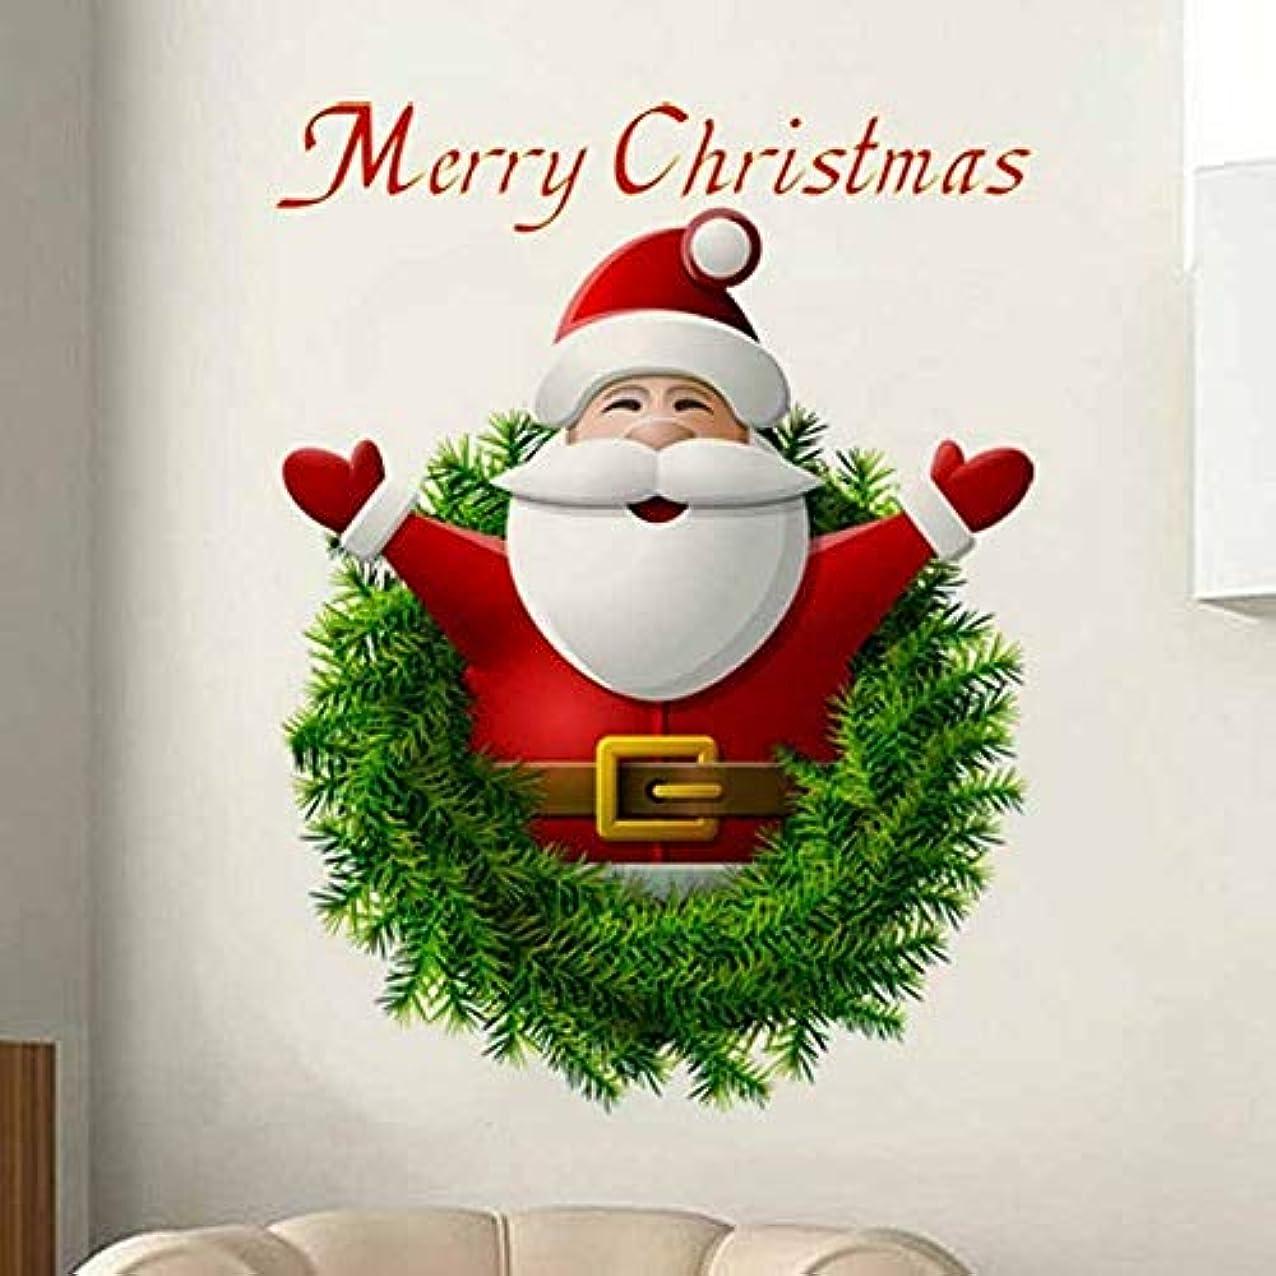 時代遅れ嵐のページ三井 クリスマスサンタクロースアート3Dウォールステッカークリスマスステッカーインテリアデコレーション20 Xの27センチメートル